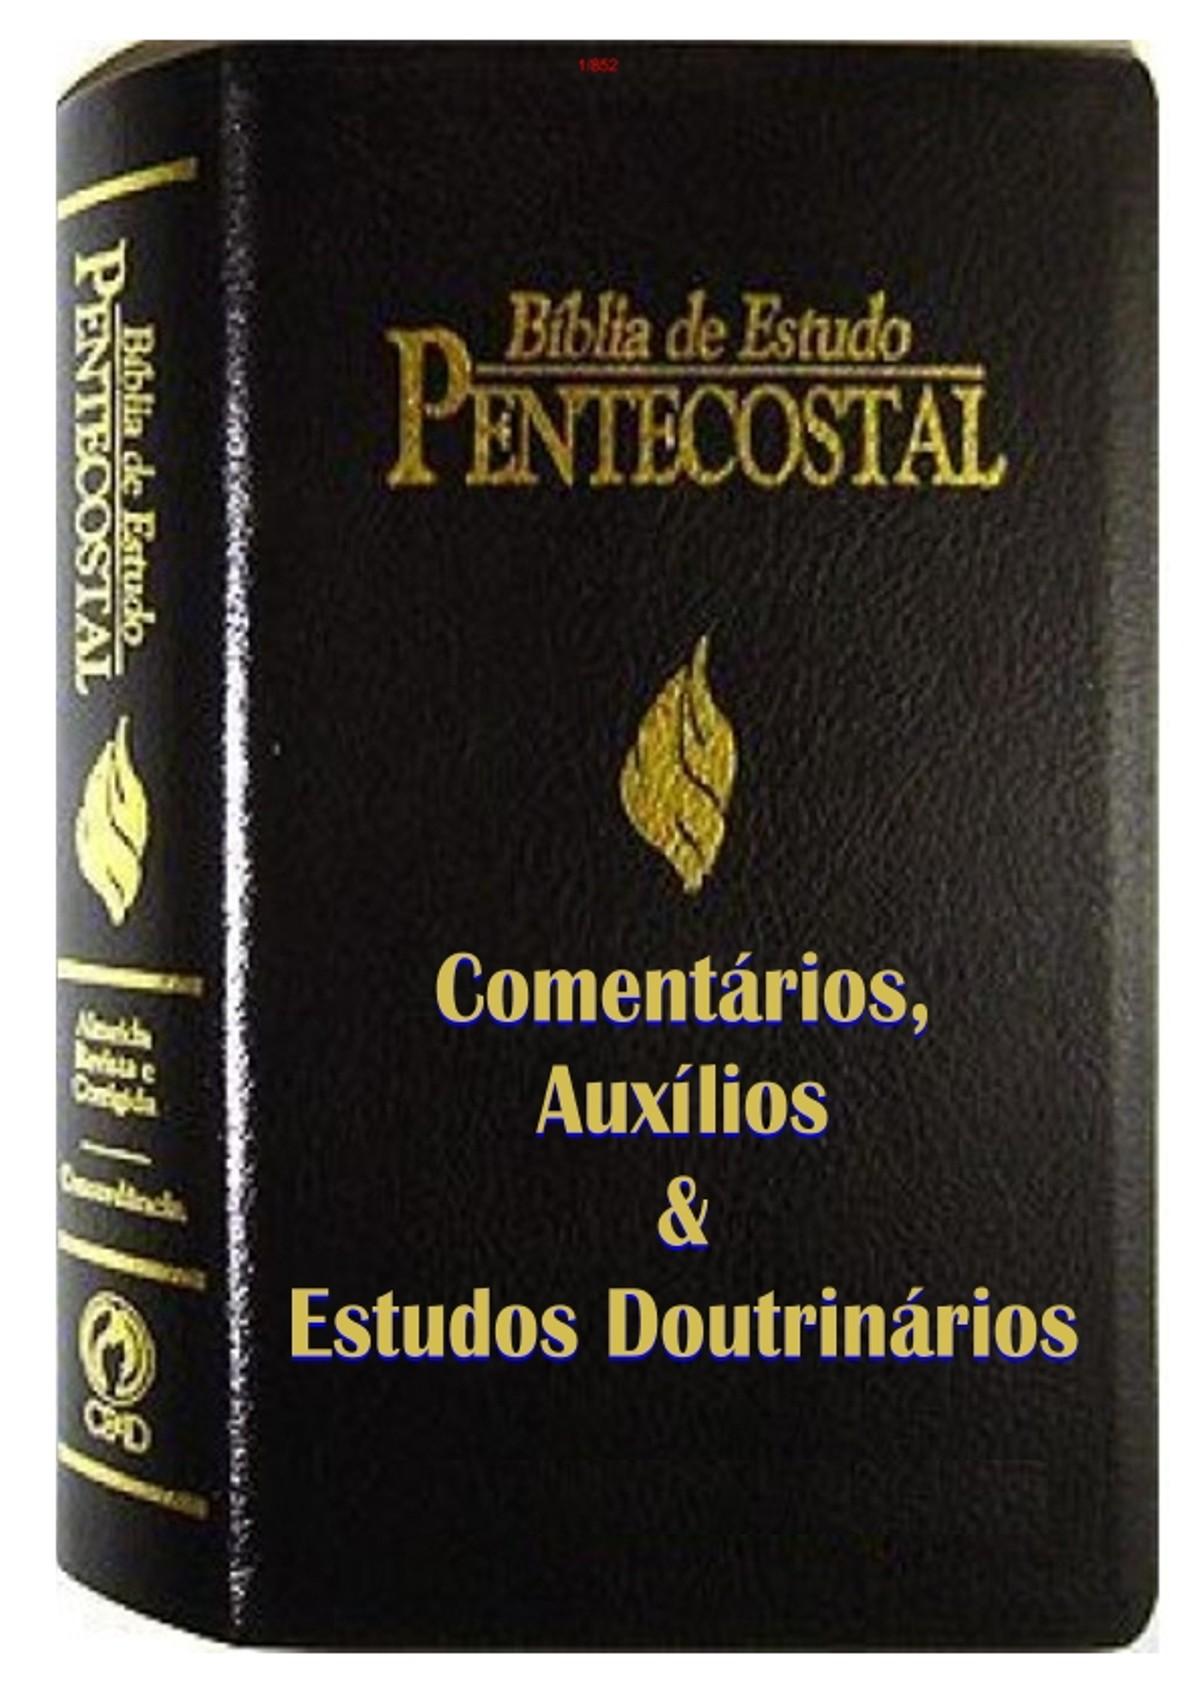 Pre-visualização do material biblia de estudo pentecostal pdf - página 1